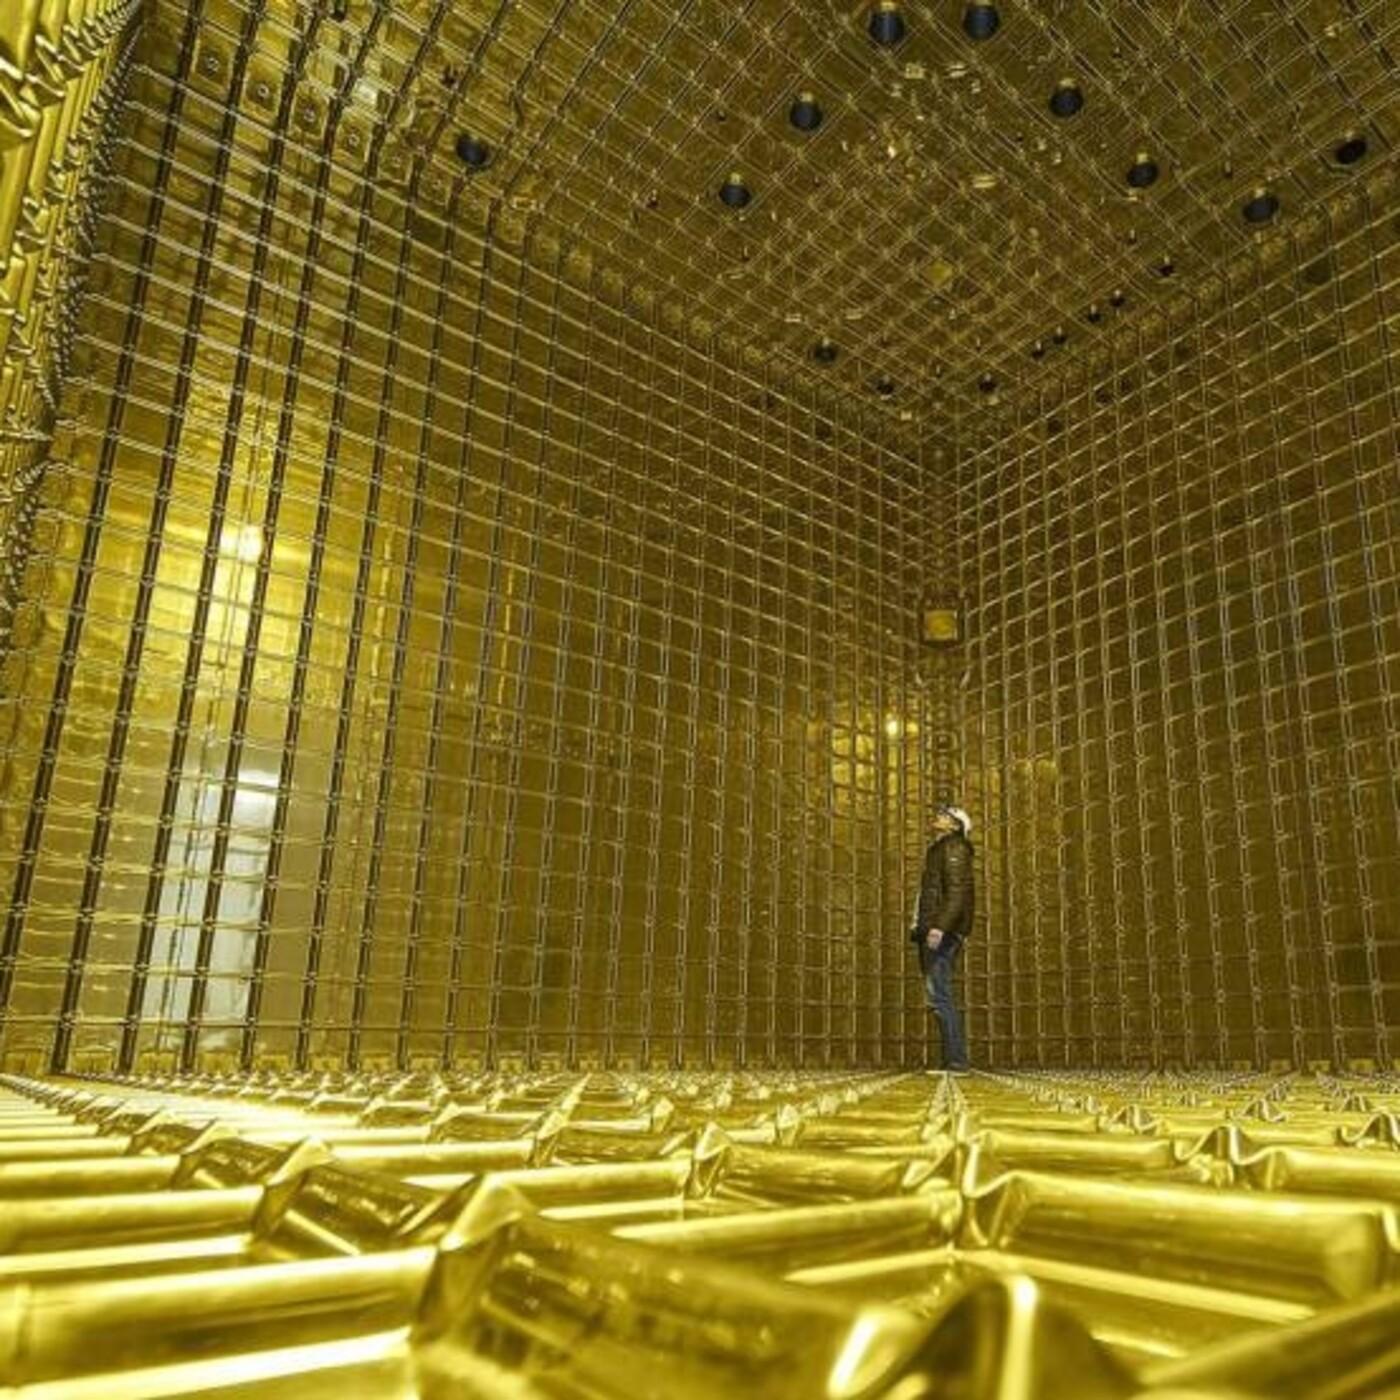 247 - Rep. ¿De Qué Está Hecho Todo lo Conocido? Y los Misterios de los Neutrinos: los Mensajeros del Cosmos